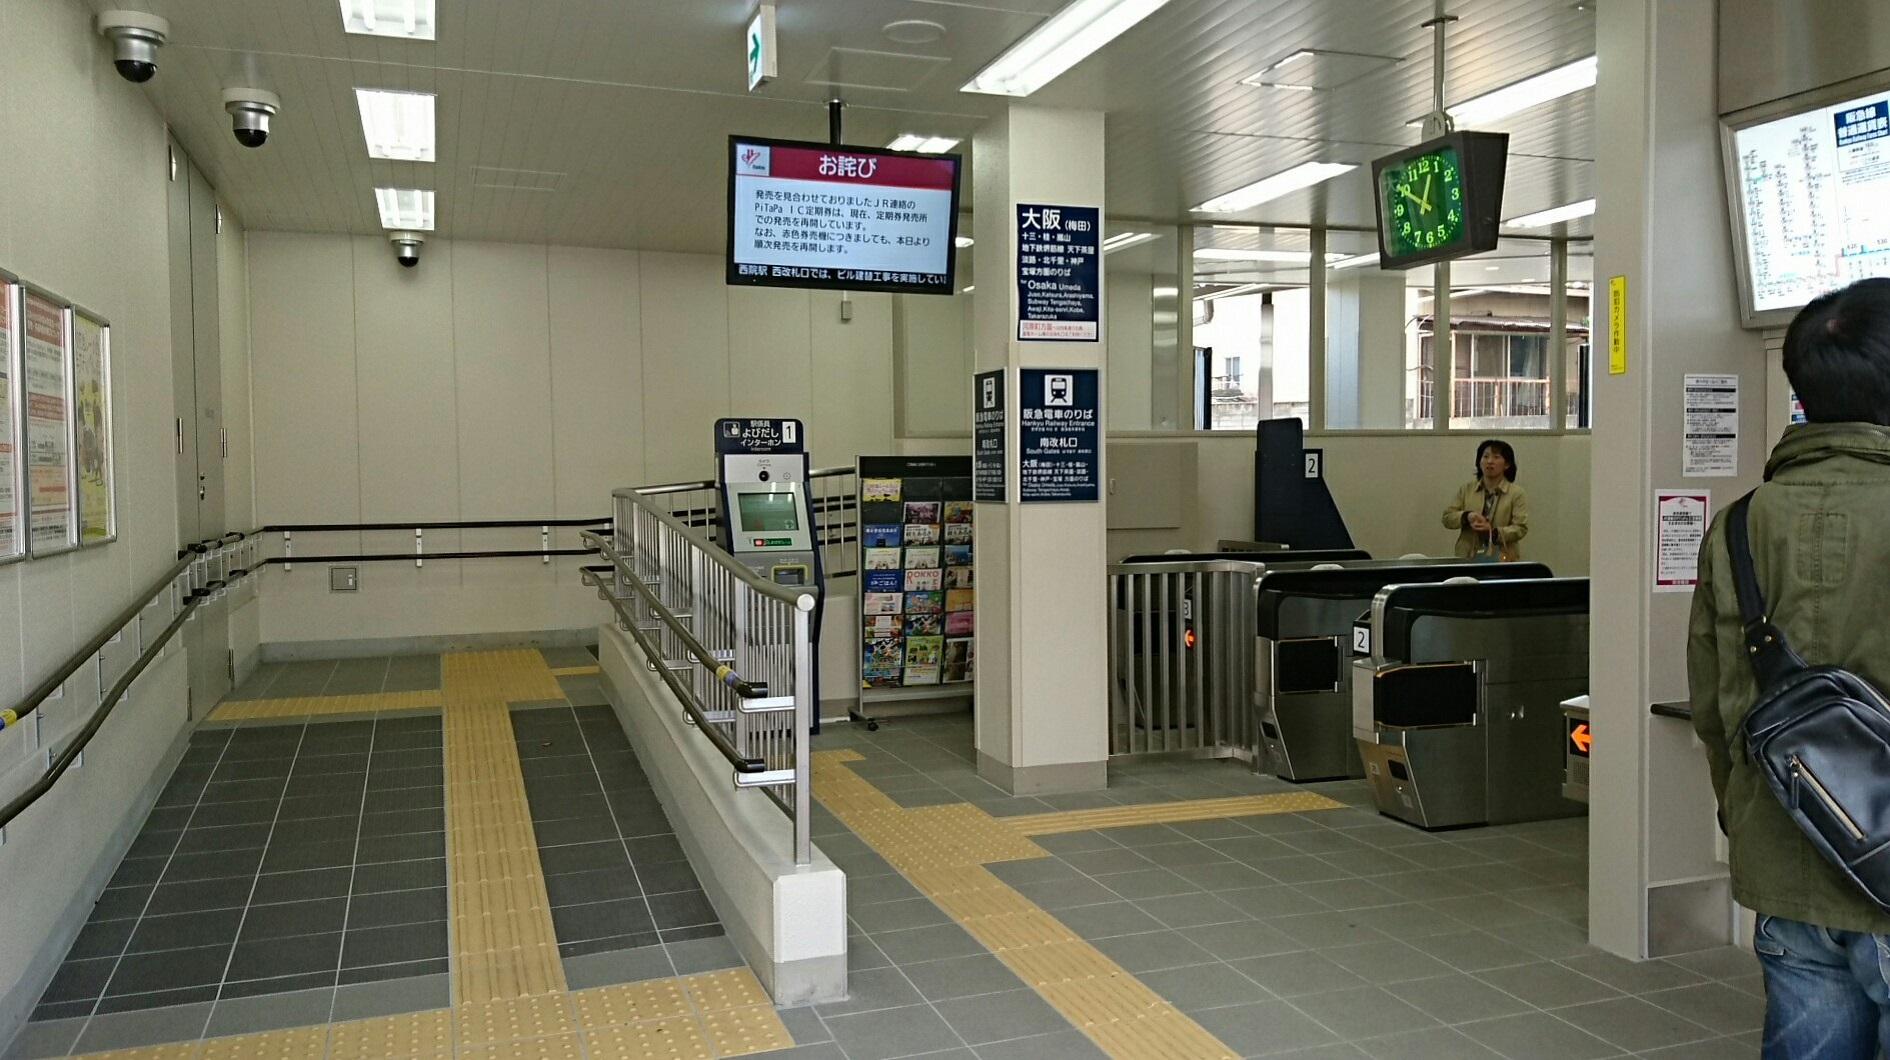 2017.4.2 西院のりかえ (6) 阪急みなみかいさつぐち 1890-1060